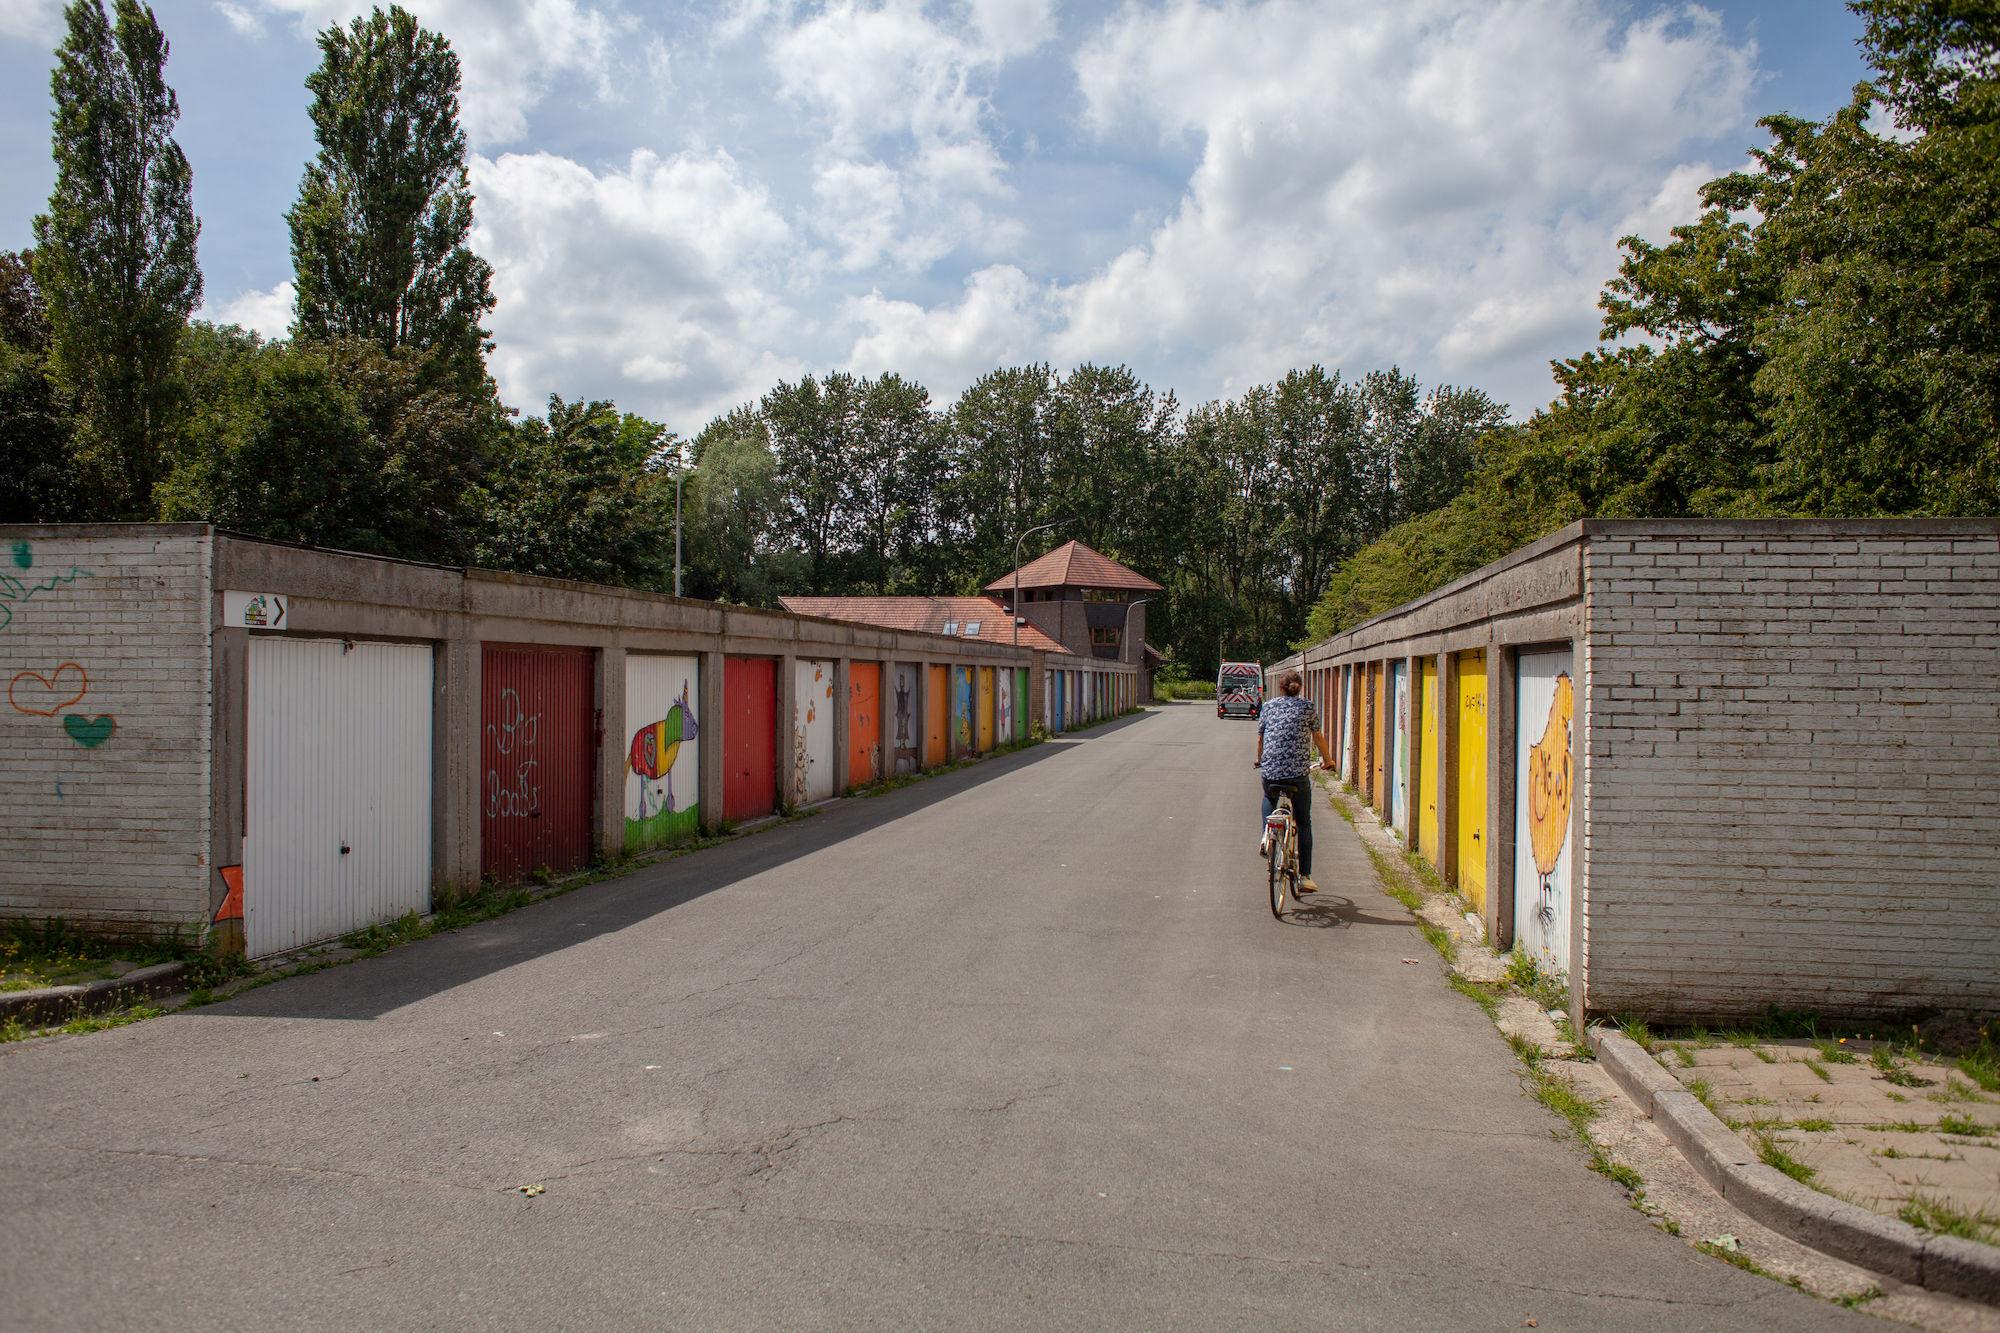 2019-07-01 Nieuw Gent prospectie met Wannes_stadsvernieuwing_IMG_0252-3.jpg